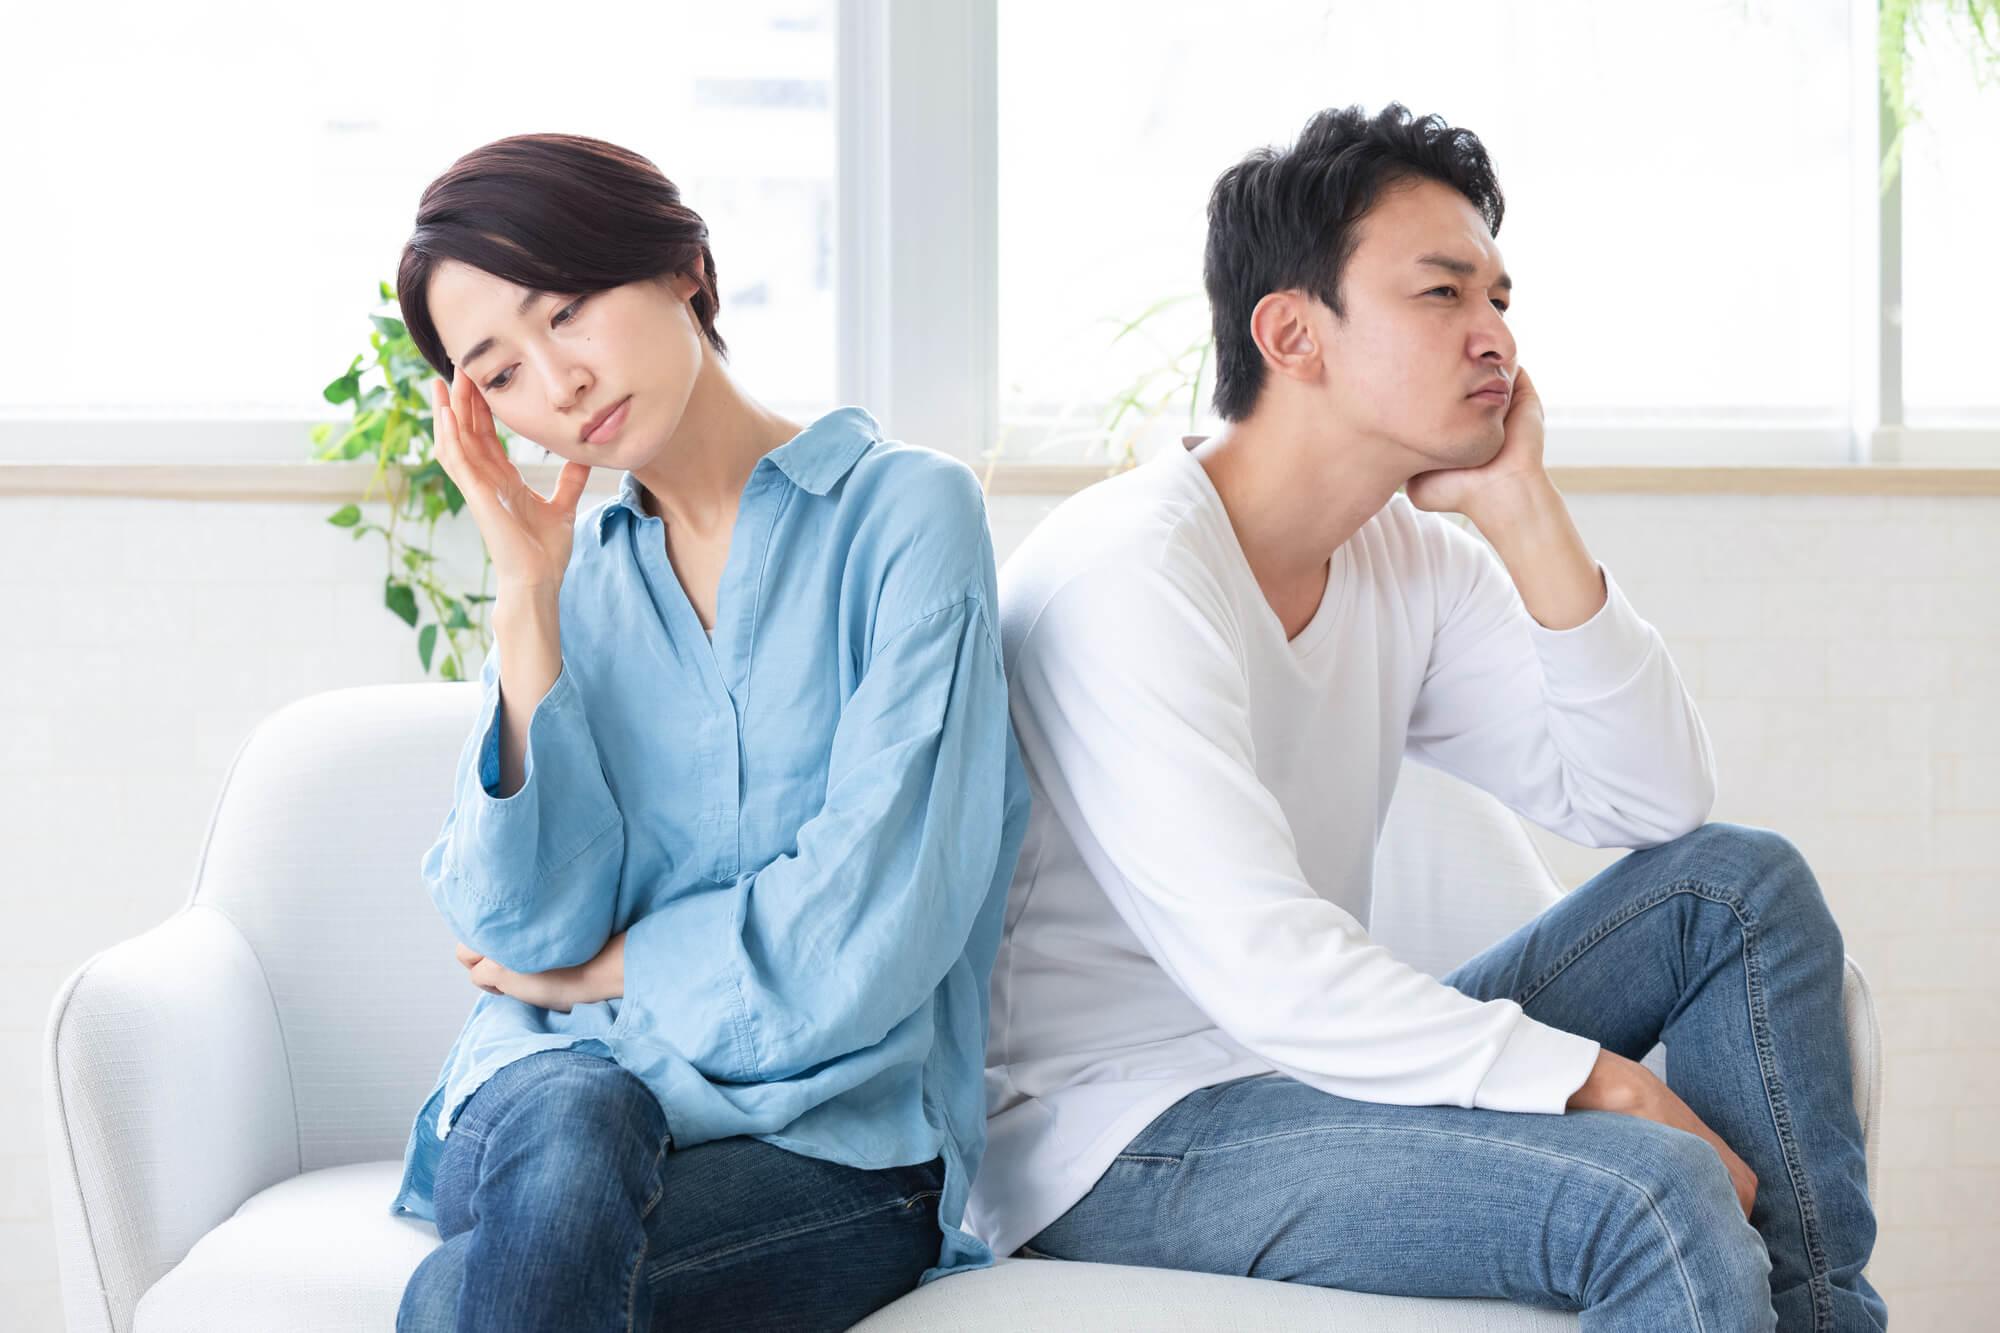 夫婦関係が悪く悩んでいる男女